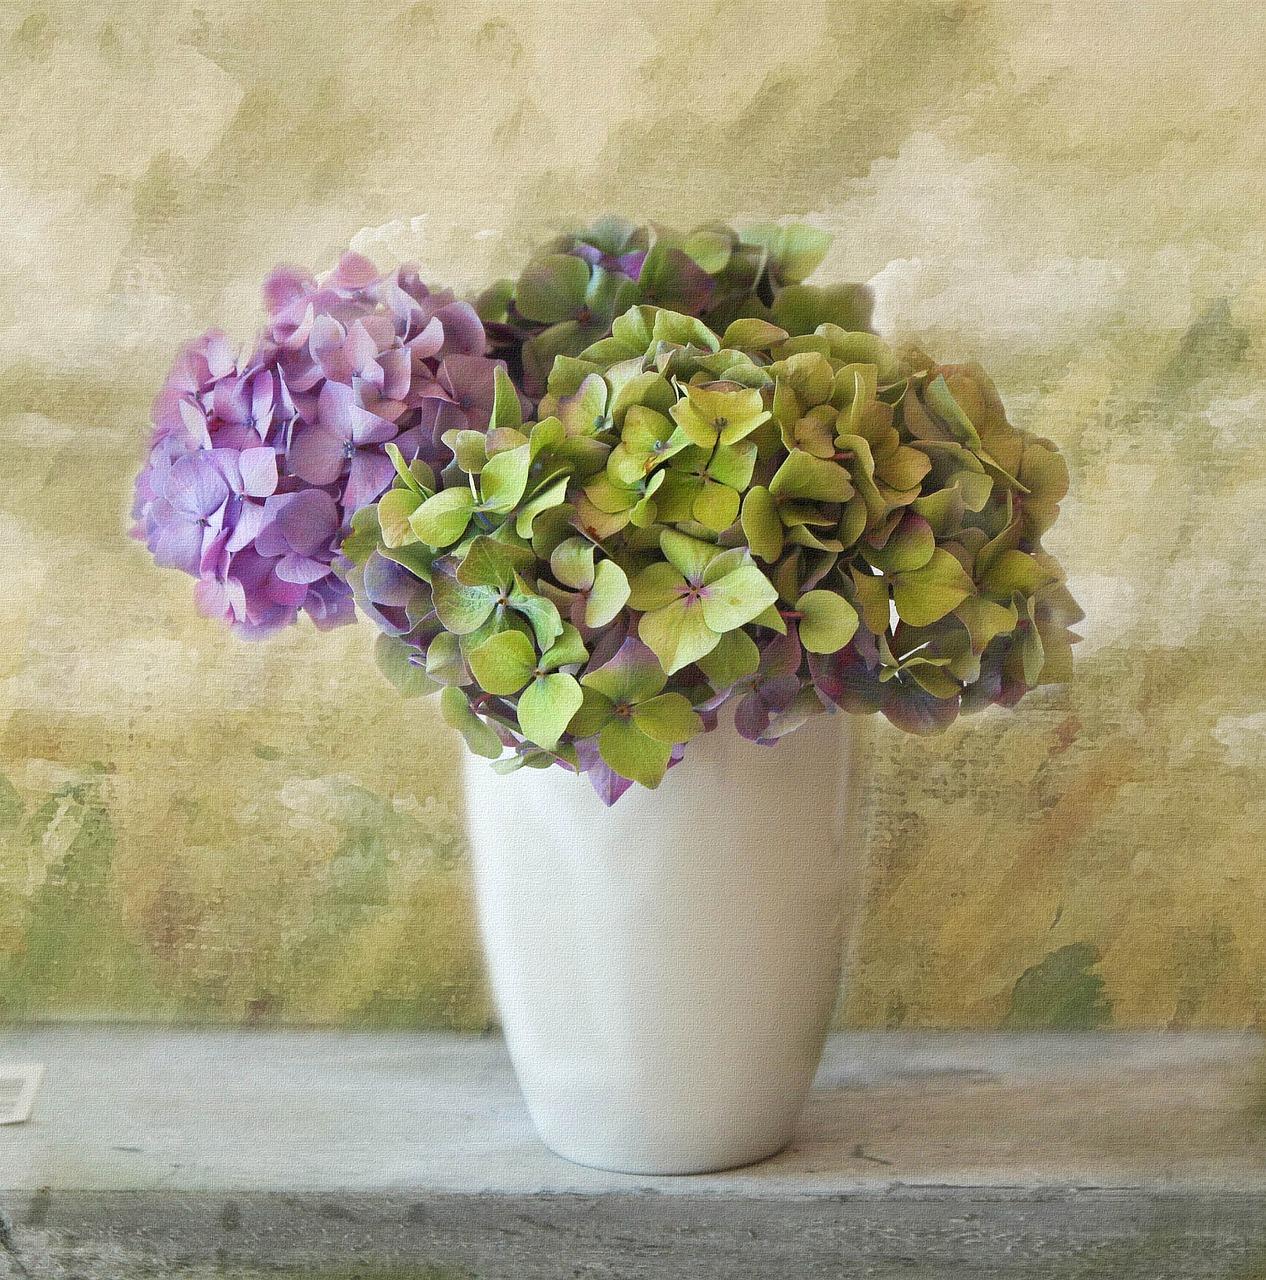 Hortensja bukietowa uprawa i odmiany: wszystko, co musisz wiedzieć!